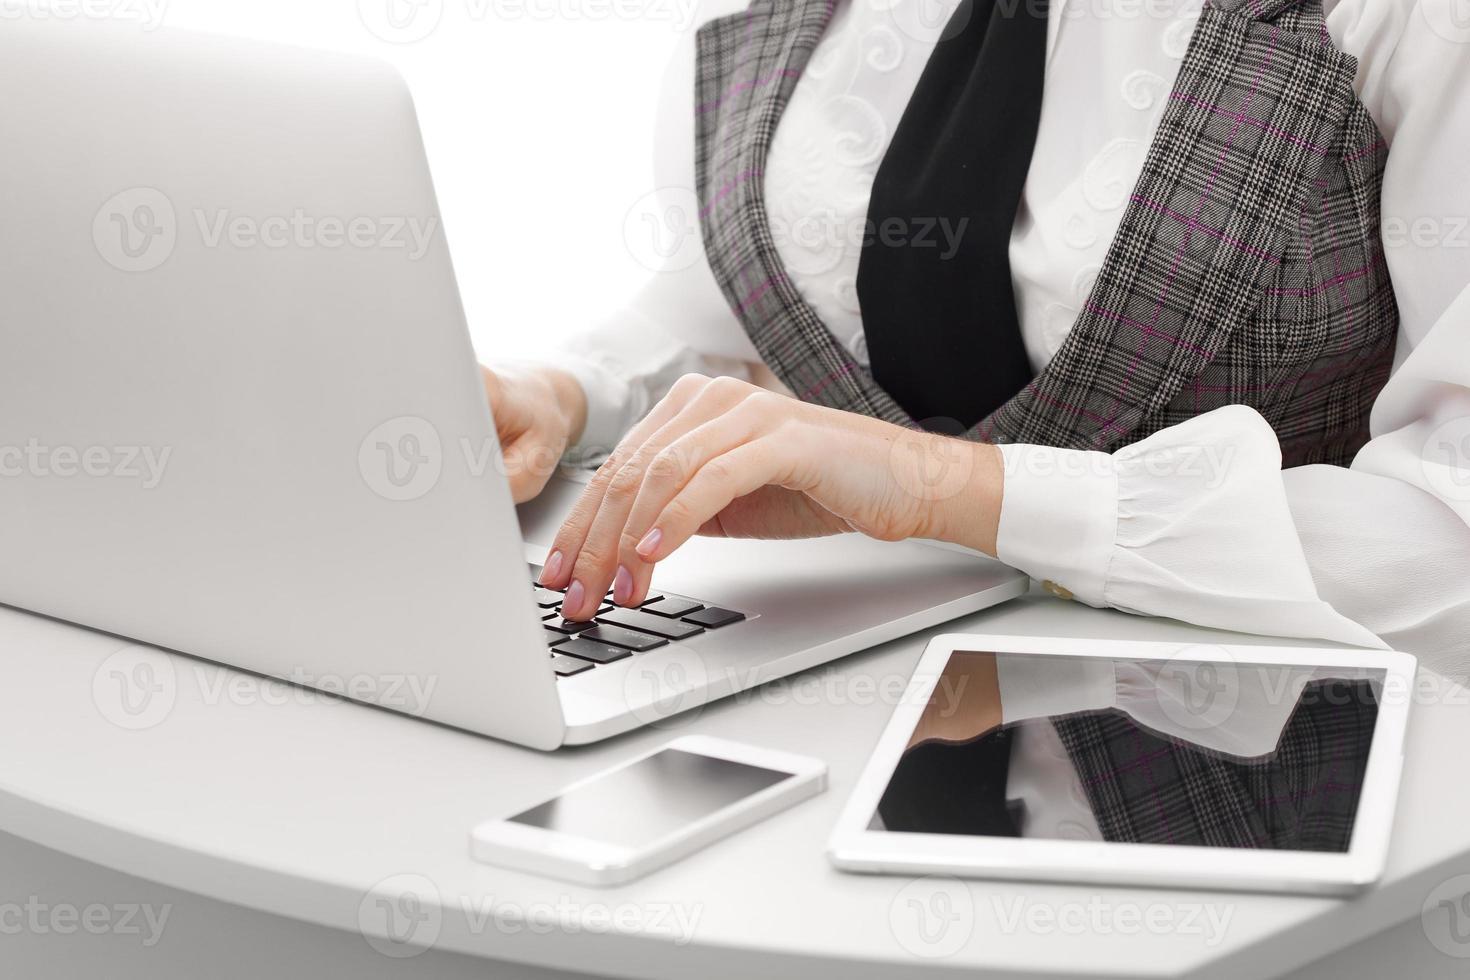 confiança do computador foto